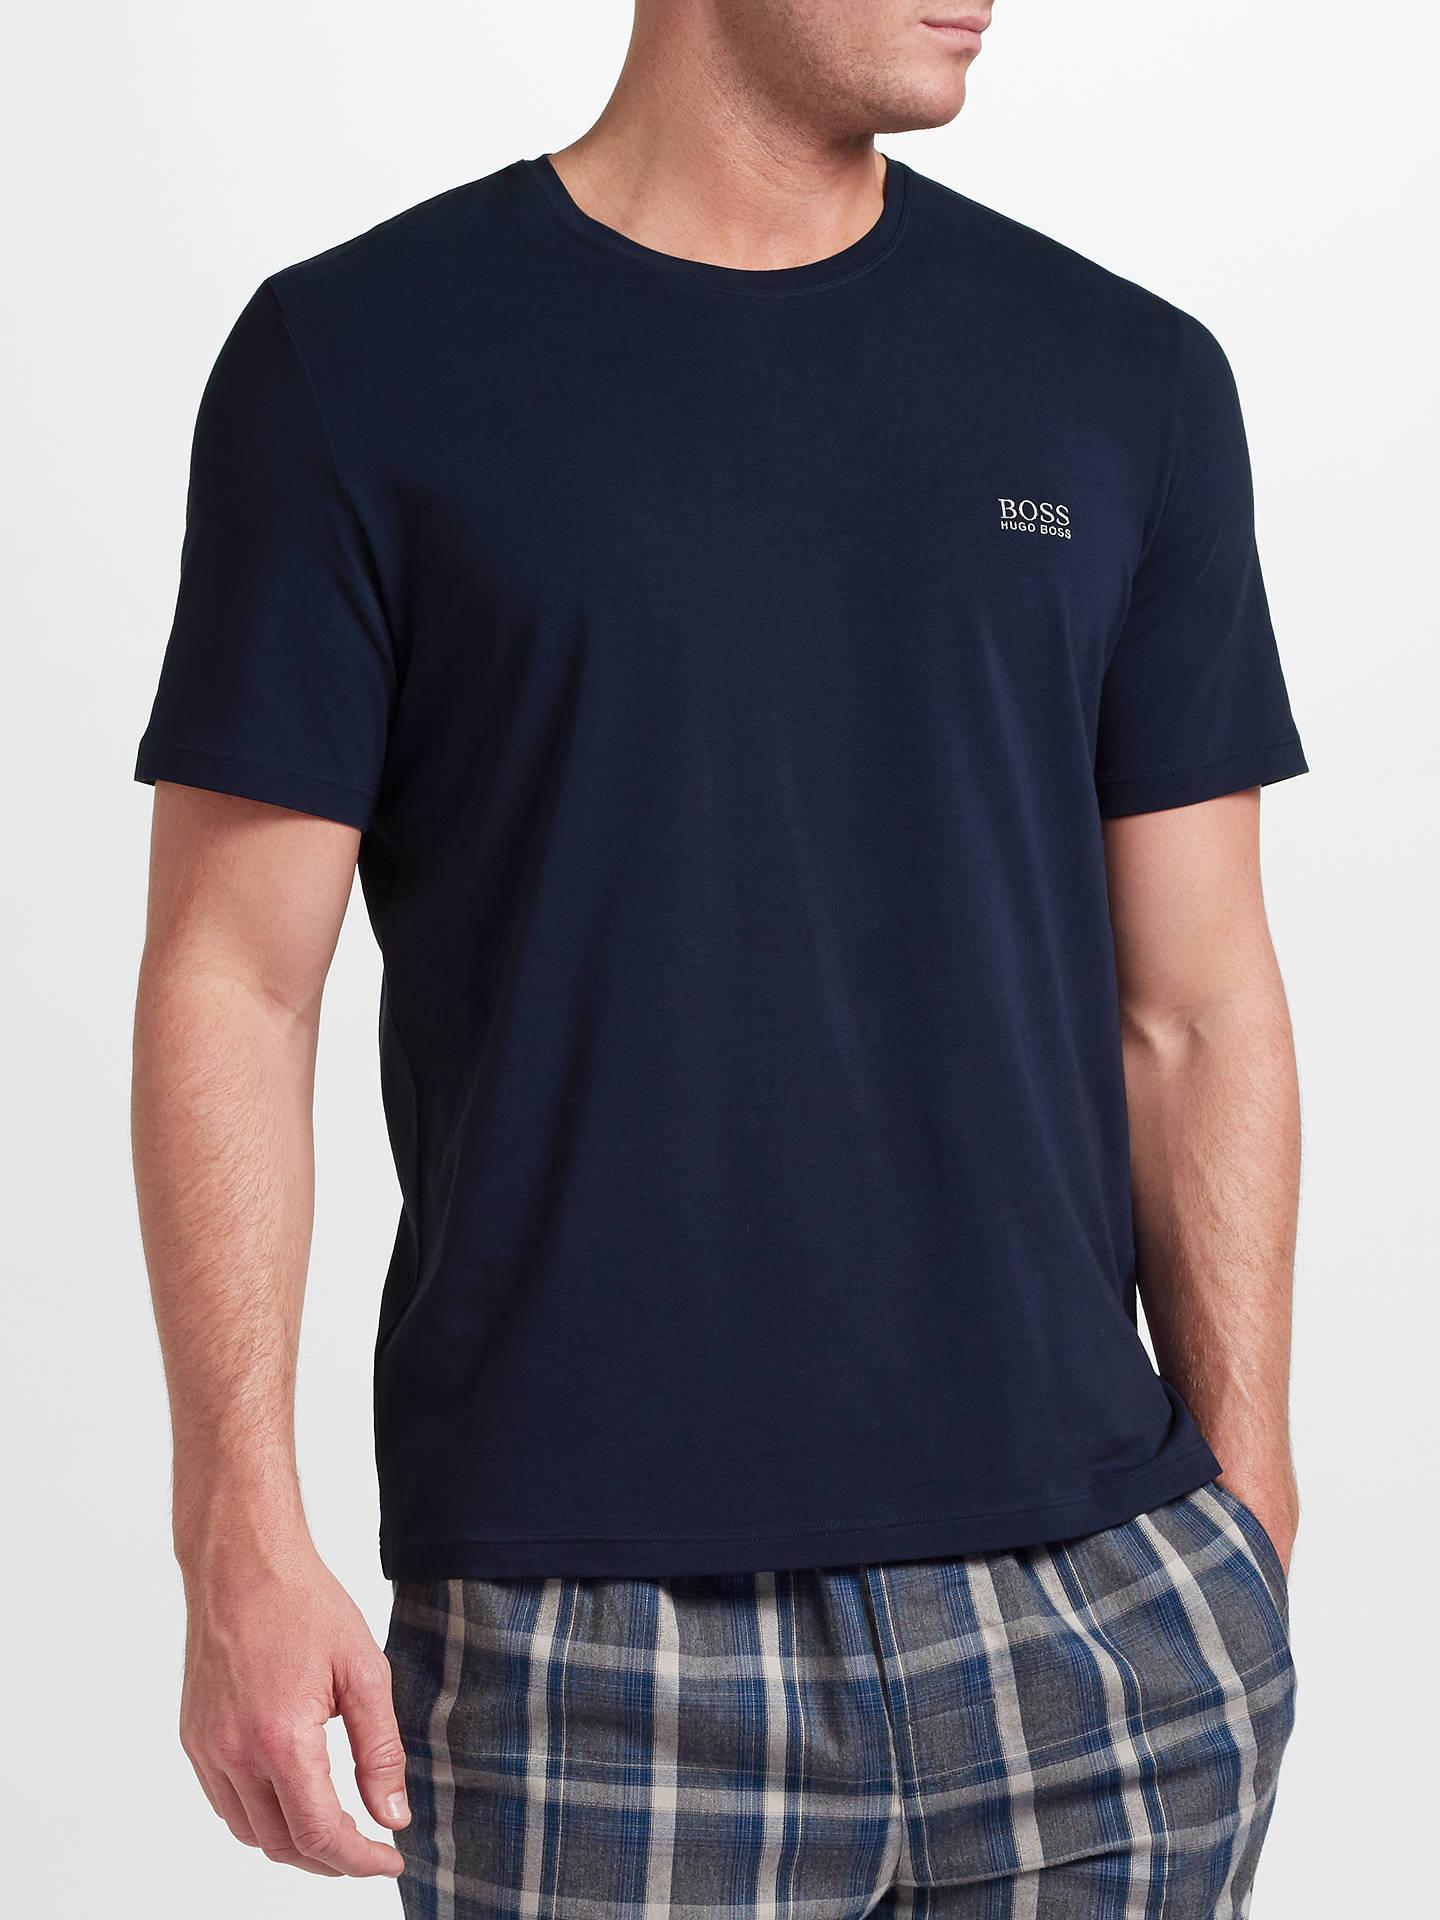 d09fbd97b BOSS Mix Match Logo T-Shirt, Navy at John Lewis & Partners